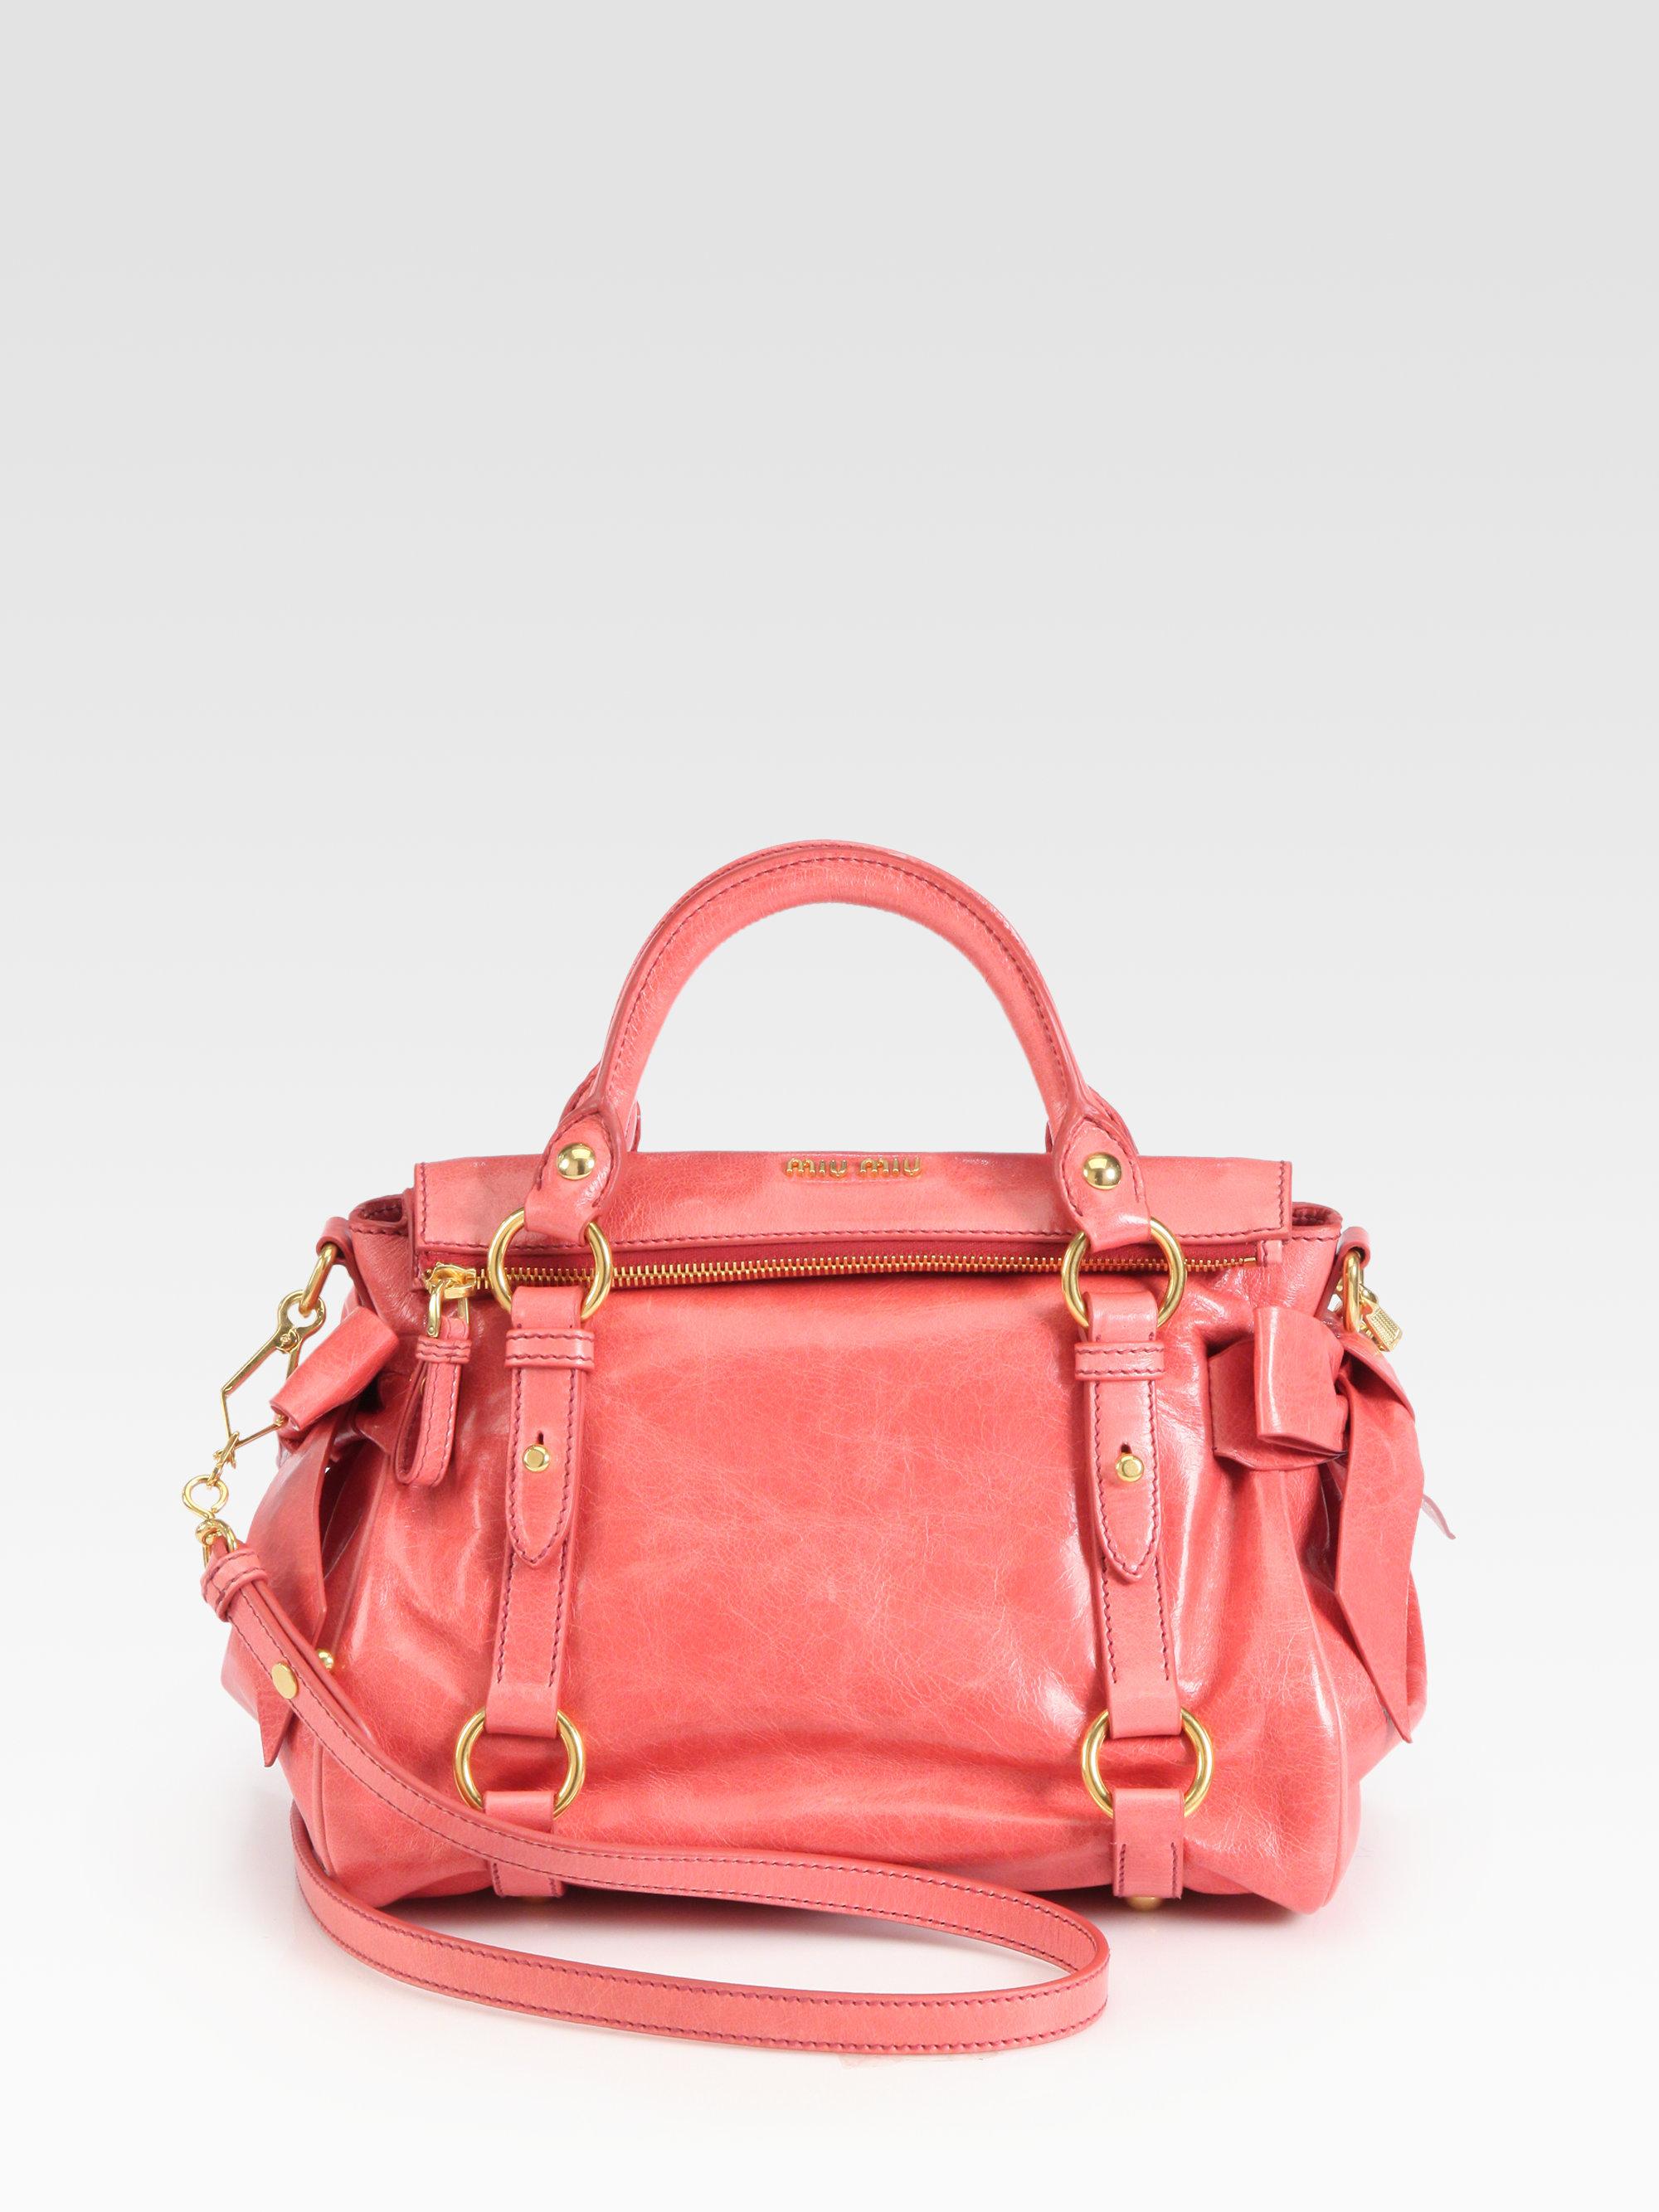 a2064d29a912 Lyst - Miu Miu Vitello Lux Small Bow Satchel in Pink